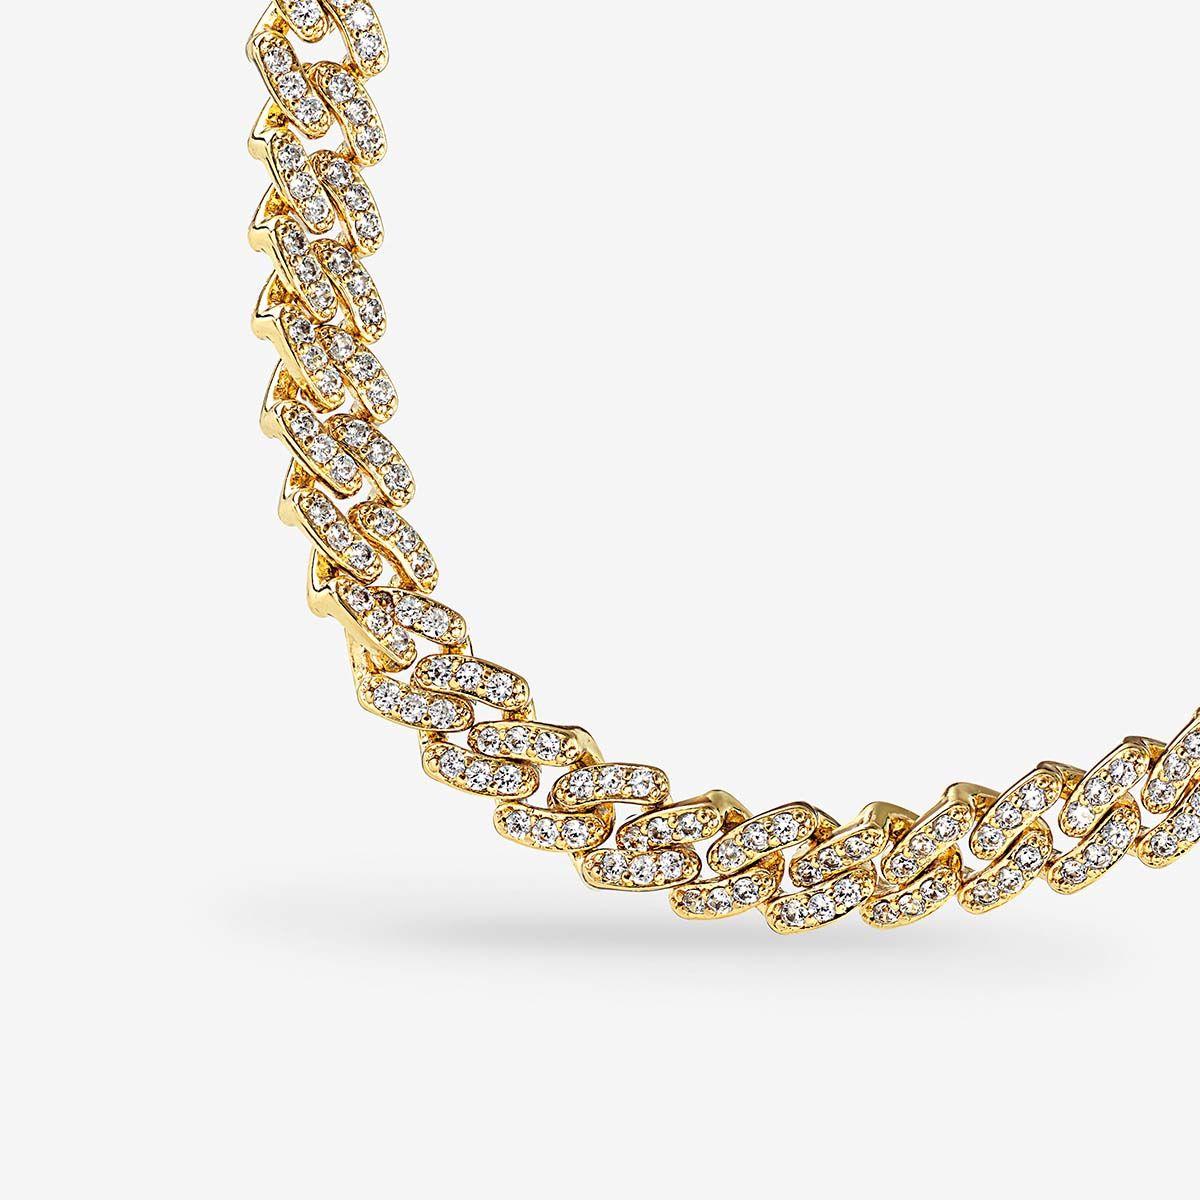 Mexican Chain - Halsketten - 18k vergoldet